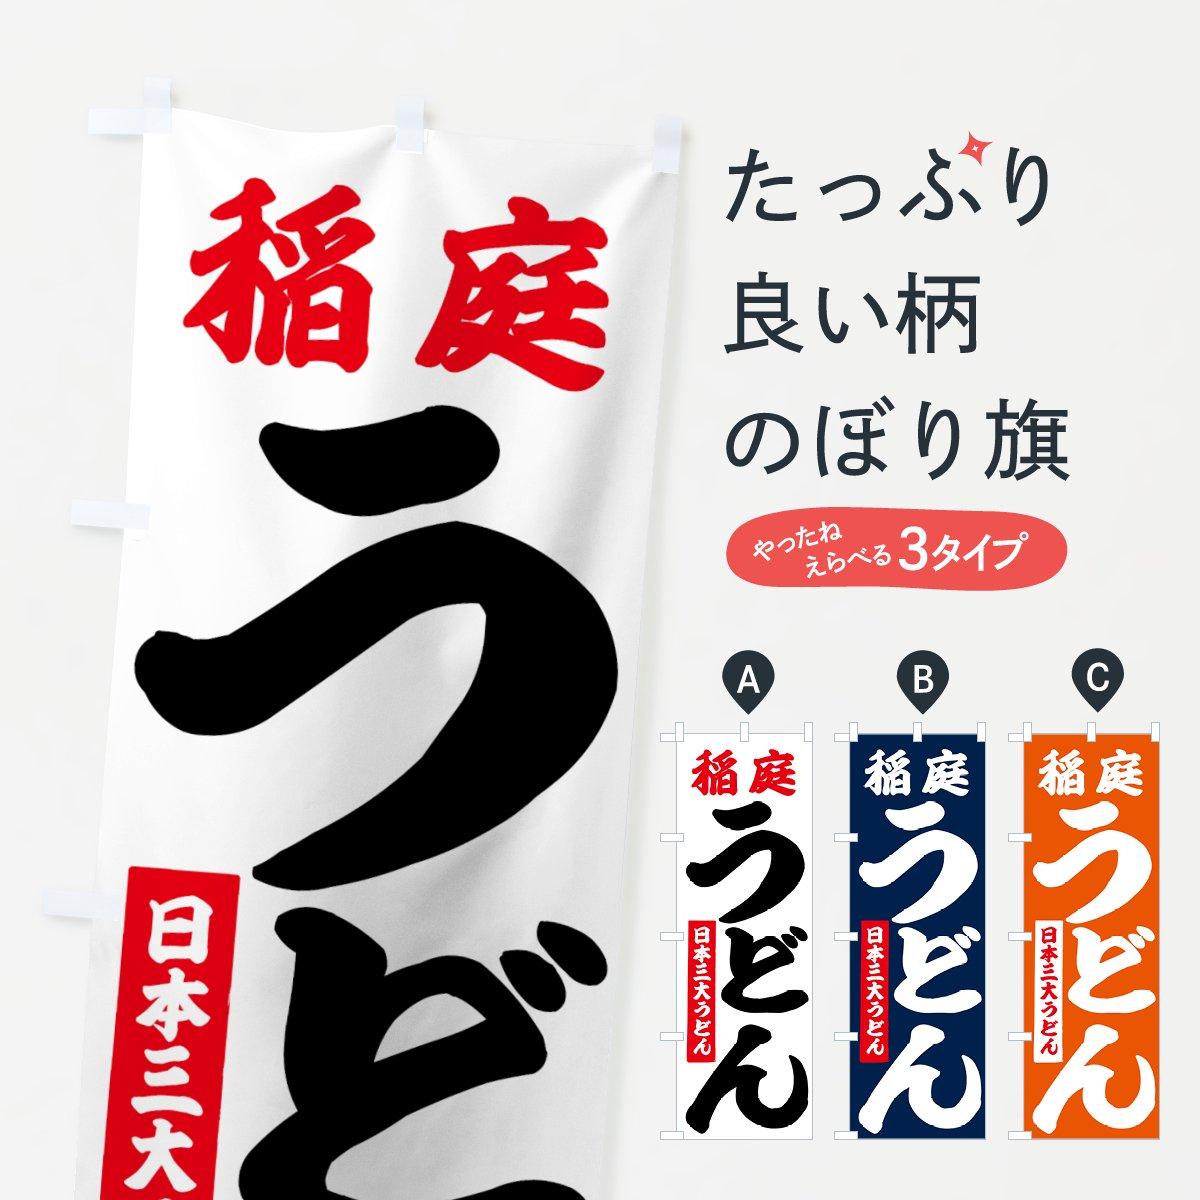 のぼり旗 稲庭うどん 日本三大うどん 鮮やかのぼり